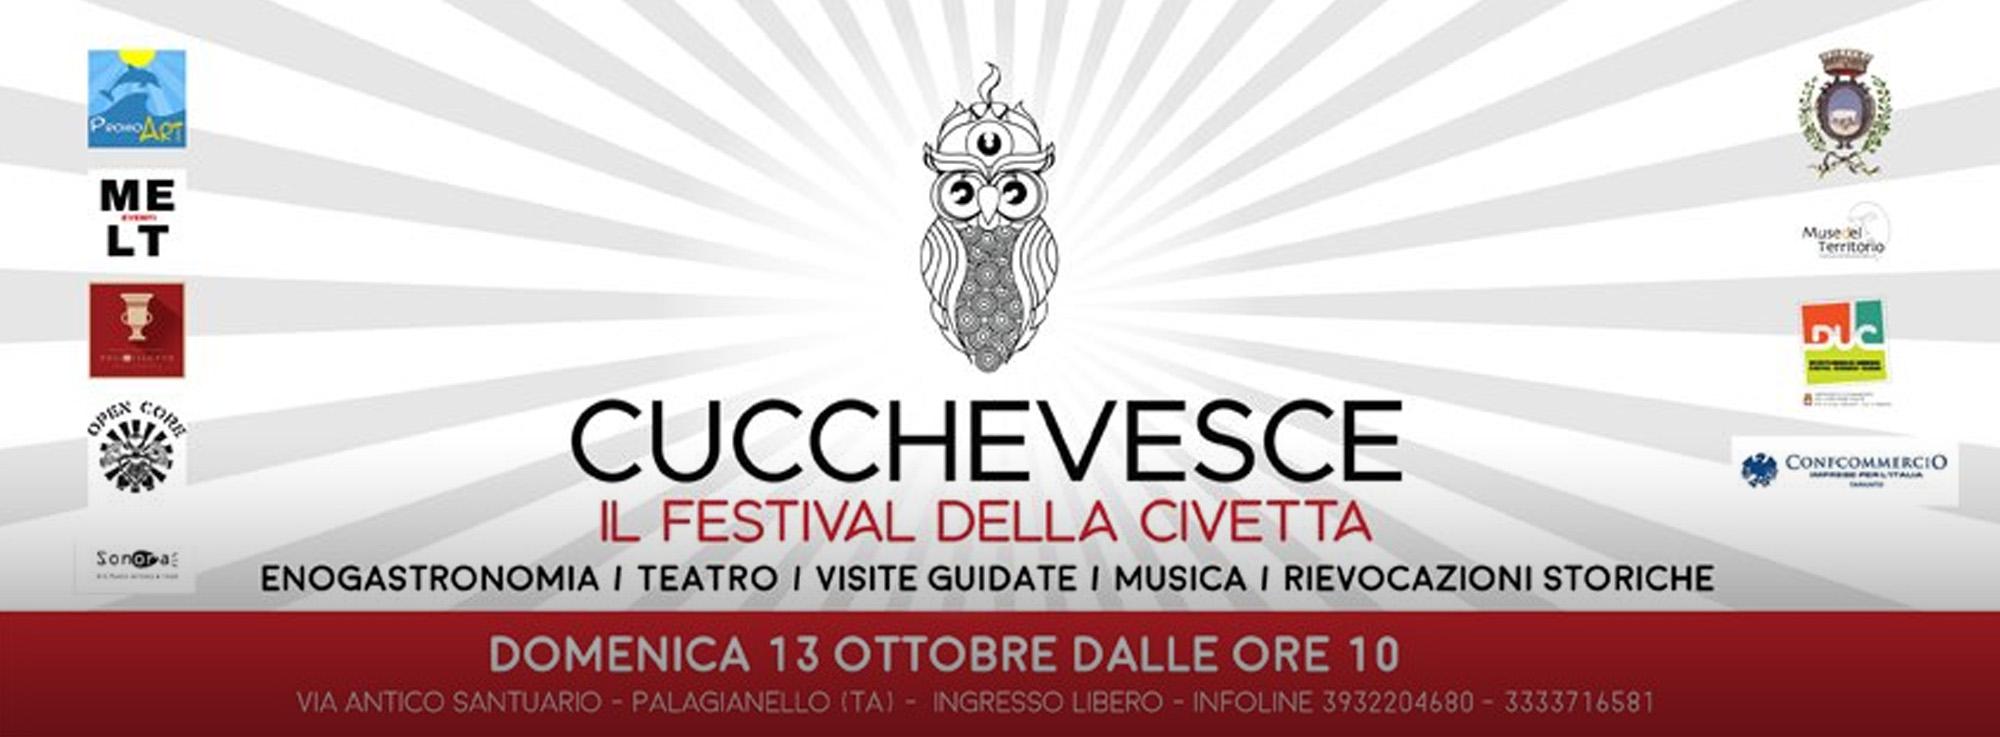 Palagianello: Cucchevesce - Il Festival della Civetta